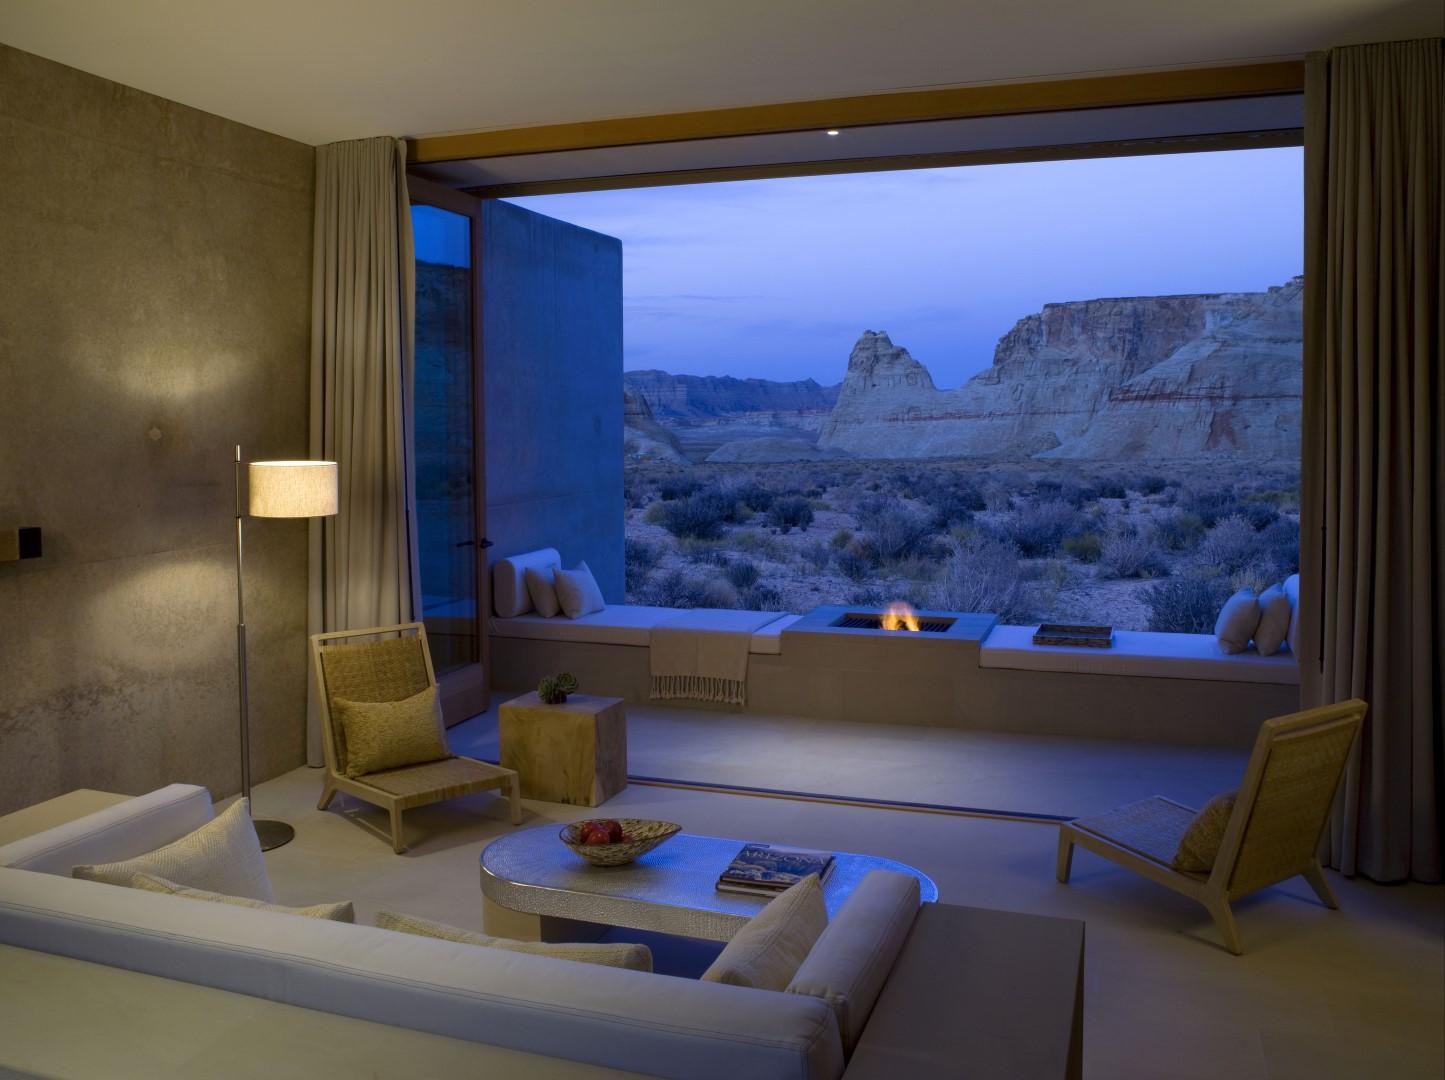 hoteles para ver las estrellas Kens1st